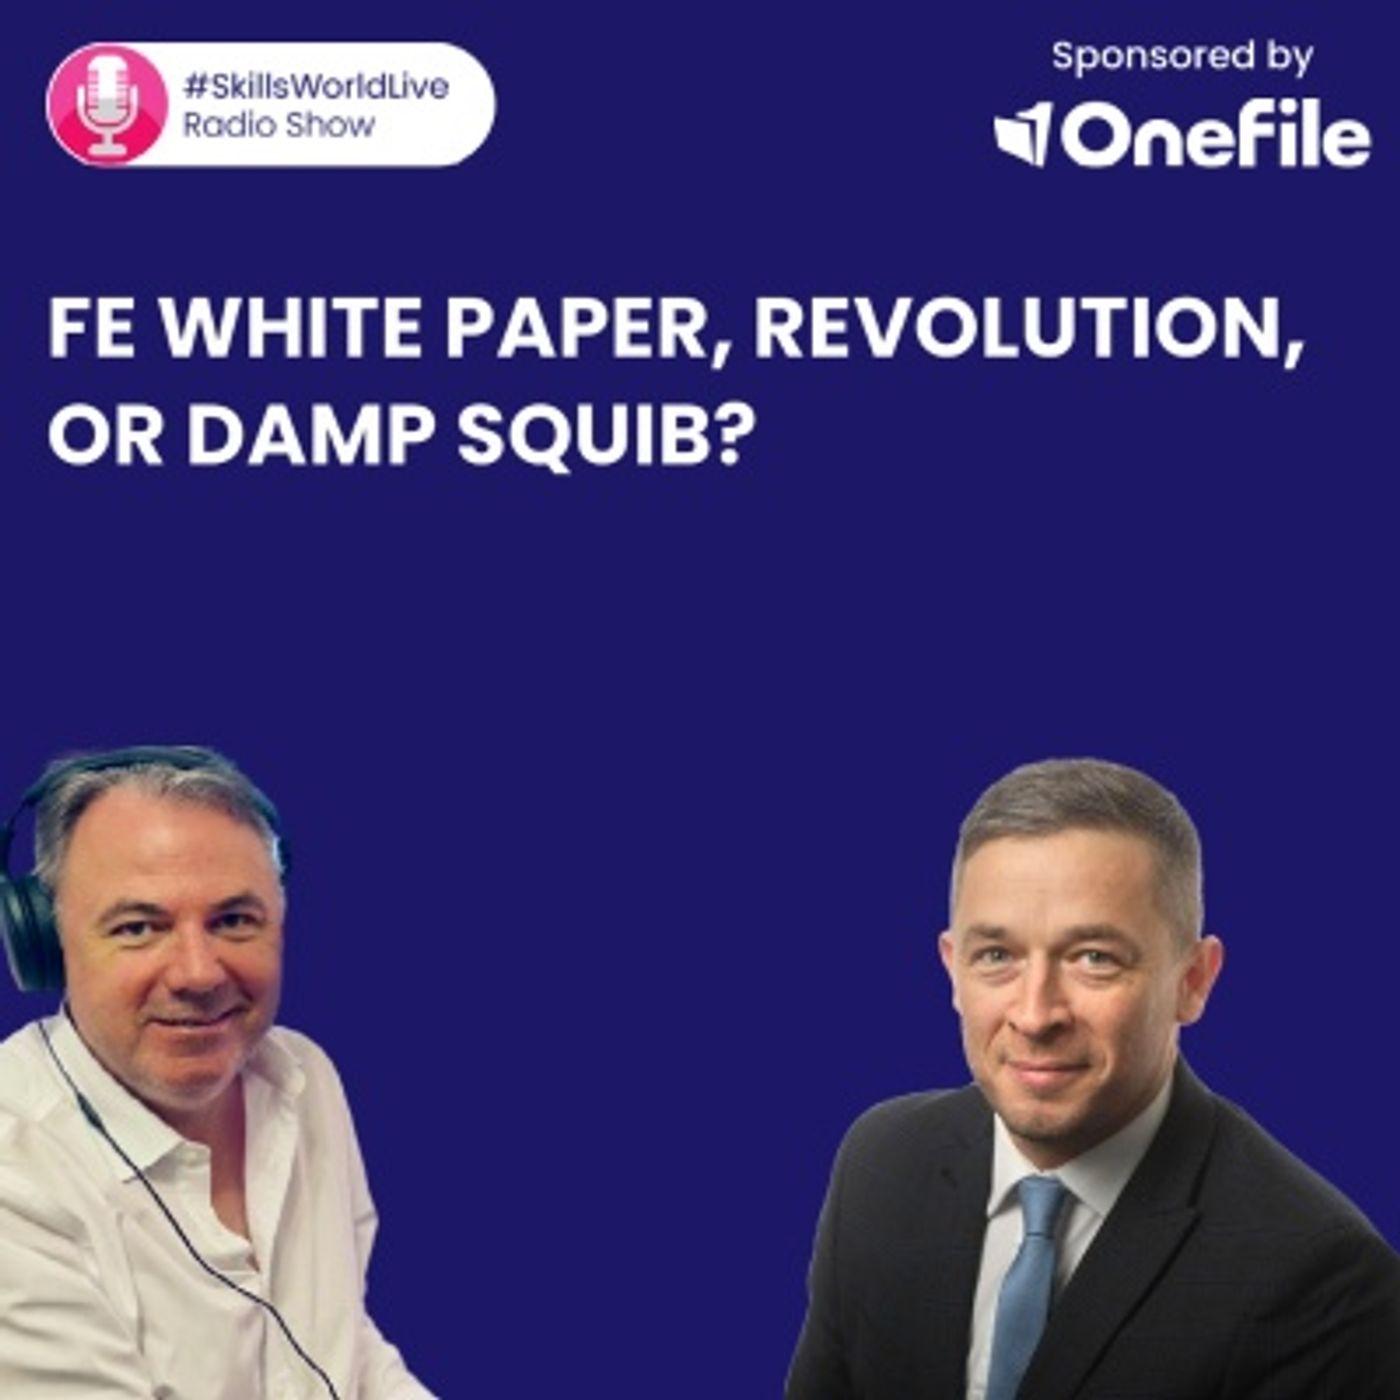 FE White Paper: Revolution, or damp squib? #SkillsWorldLive 3.7